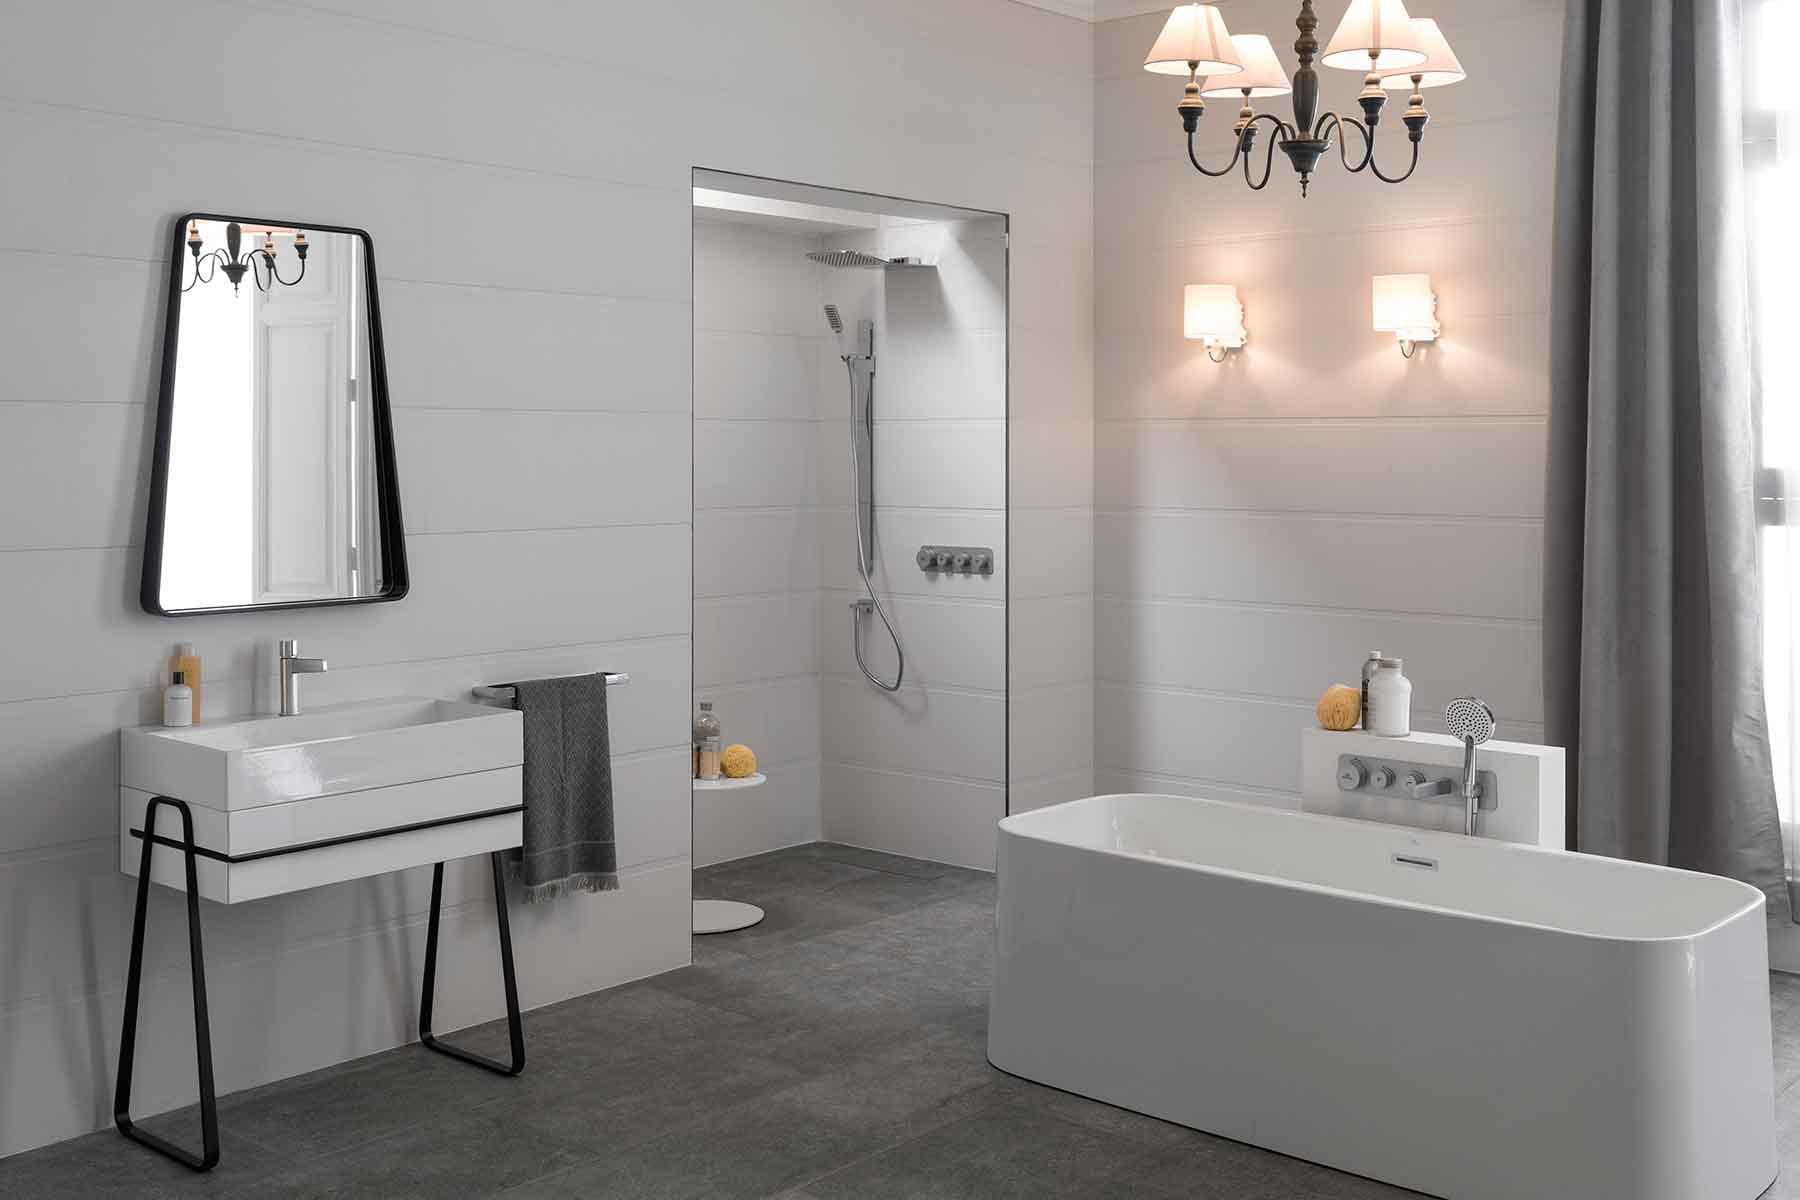 Une douche l 39 italienne encastr e dans le mur - Douches a l italienne photos ...